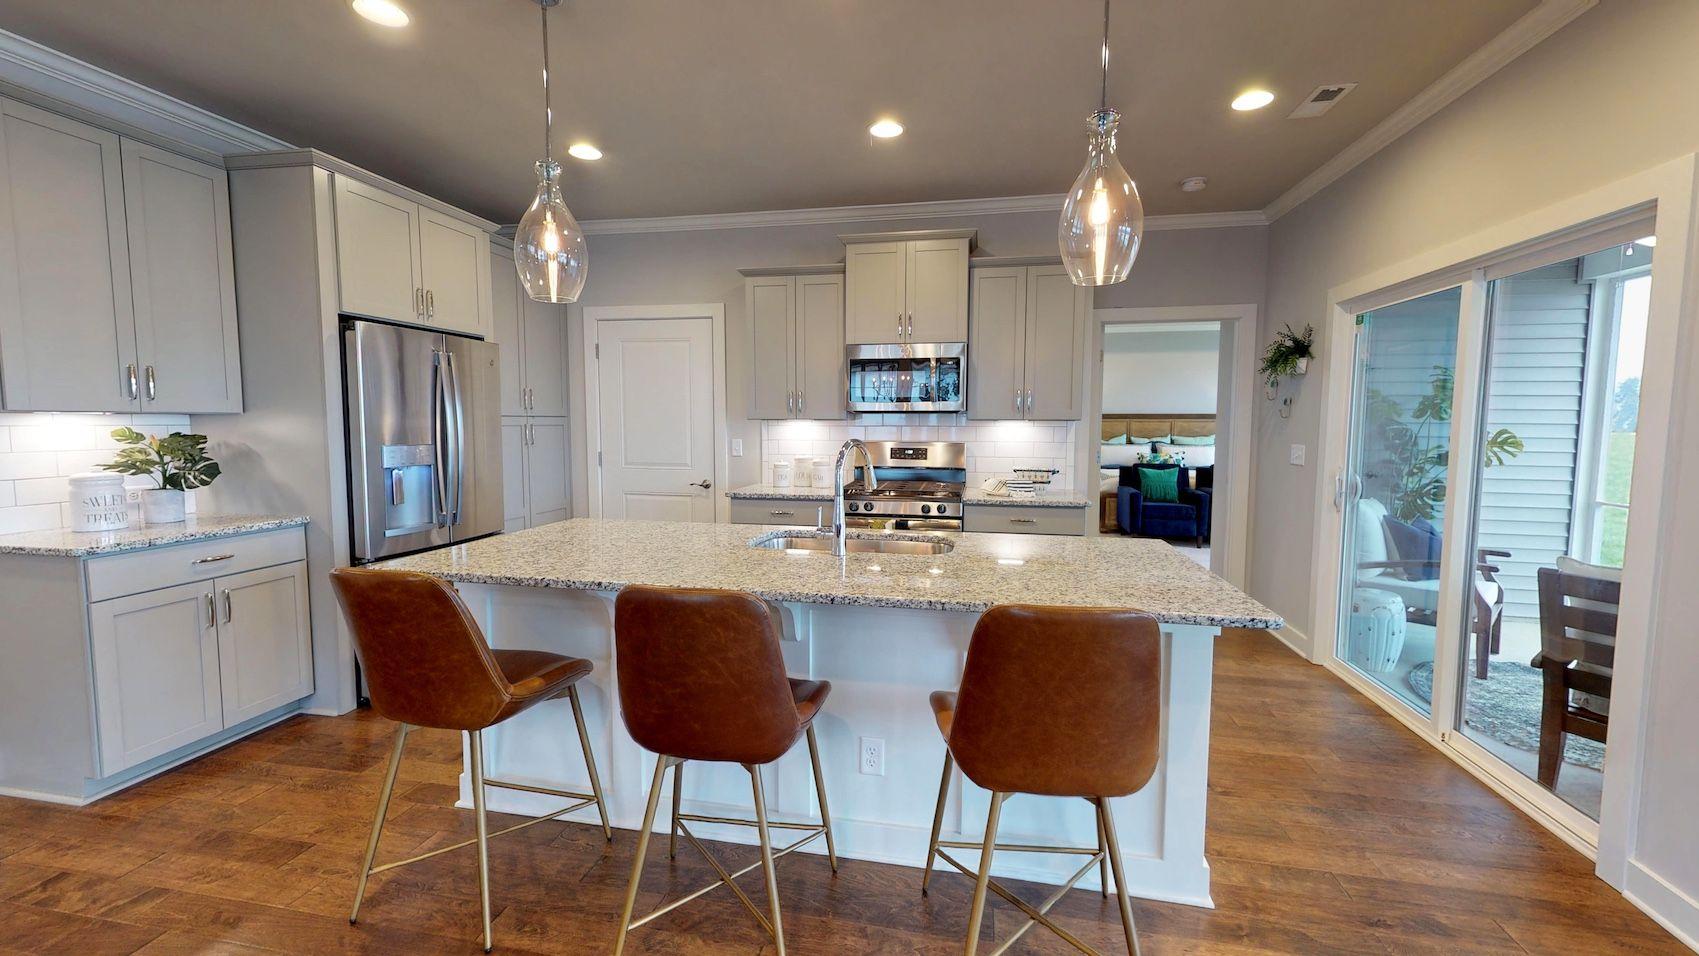 JAGOE HOMES - Home Page - Jagoe Homes   New home builders ...